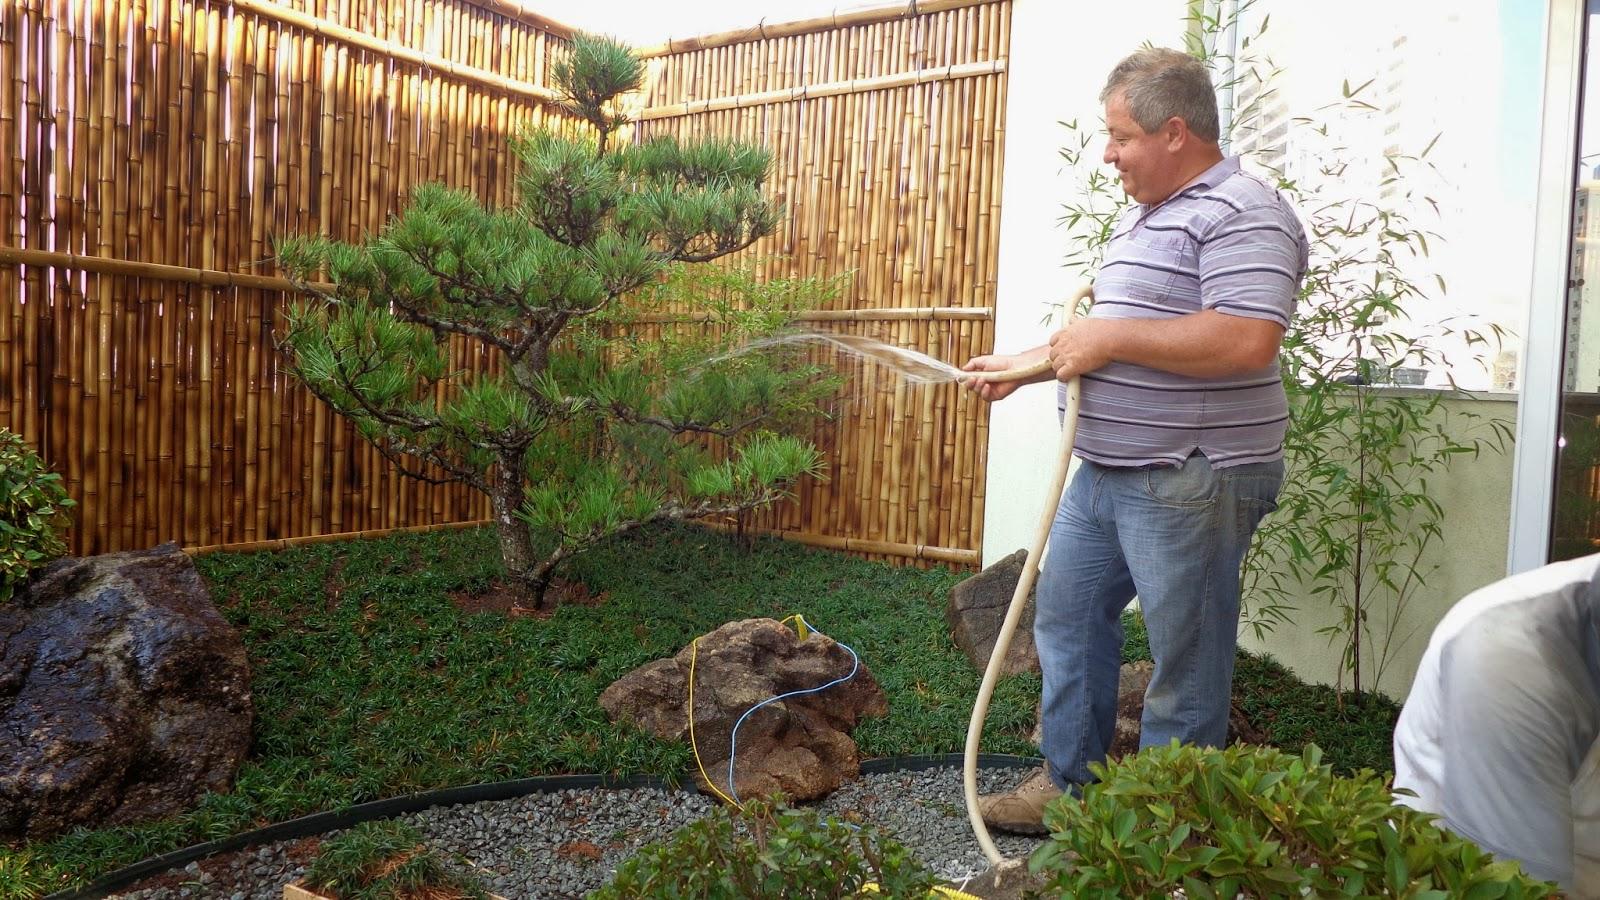 kuromatsu pinheiro negro em jardim japones